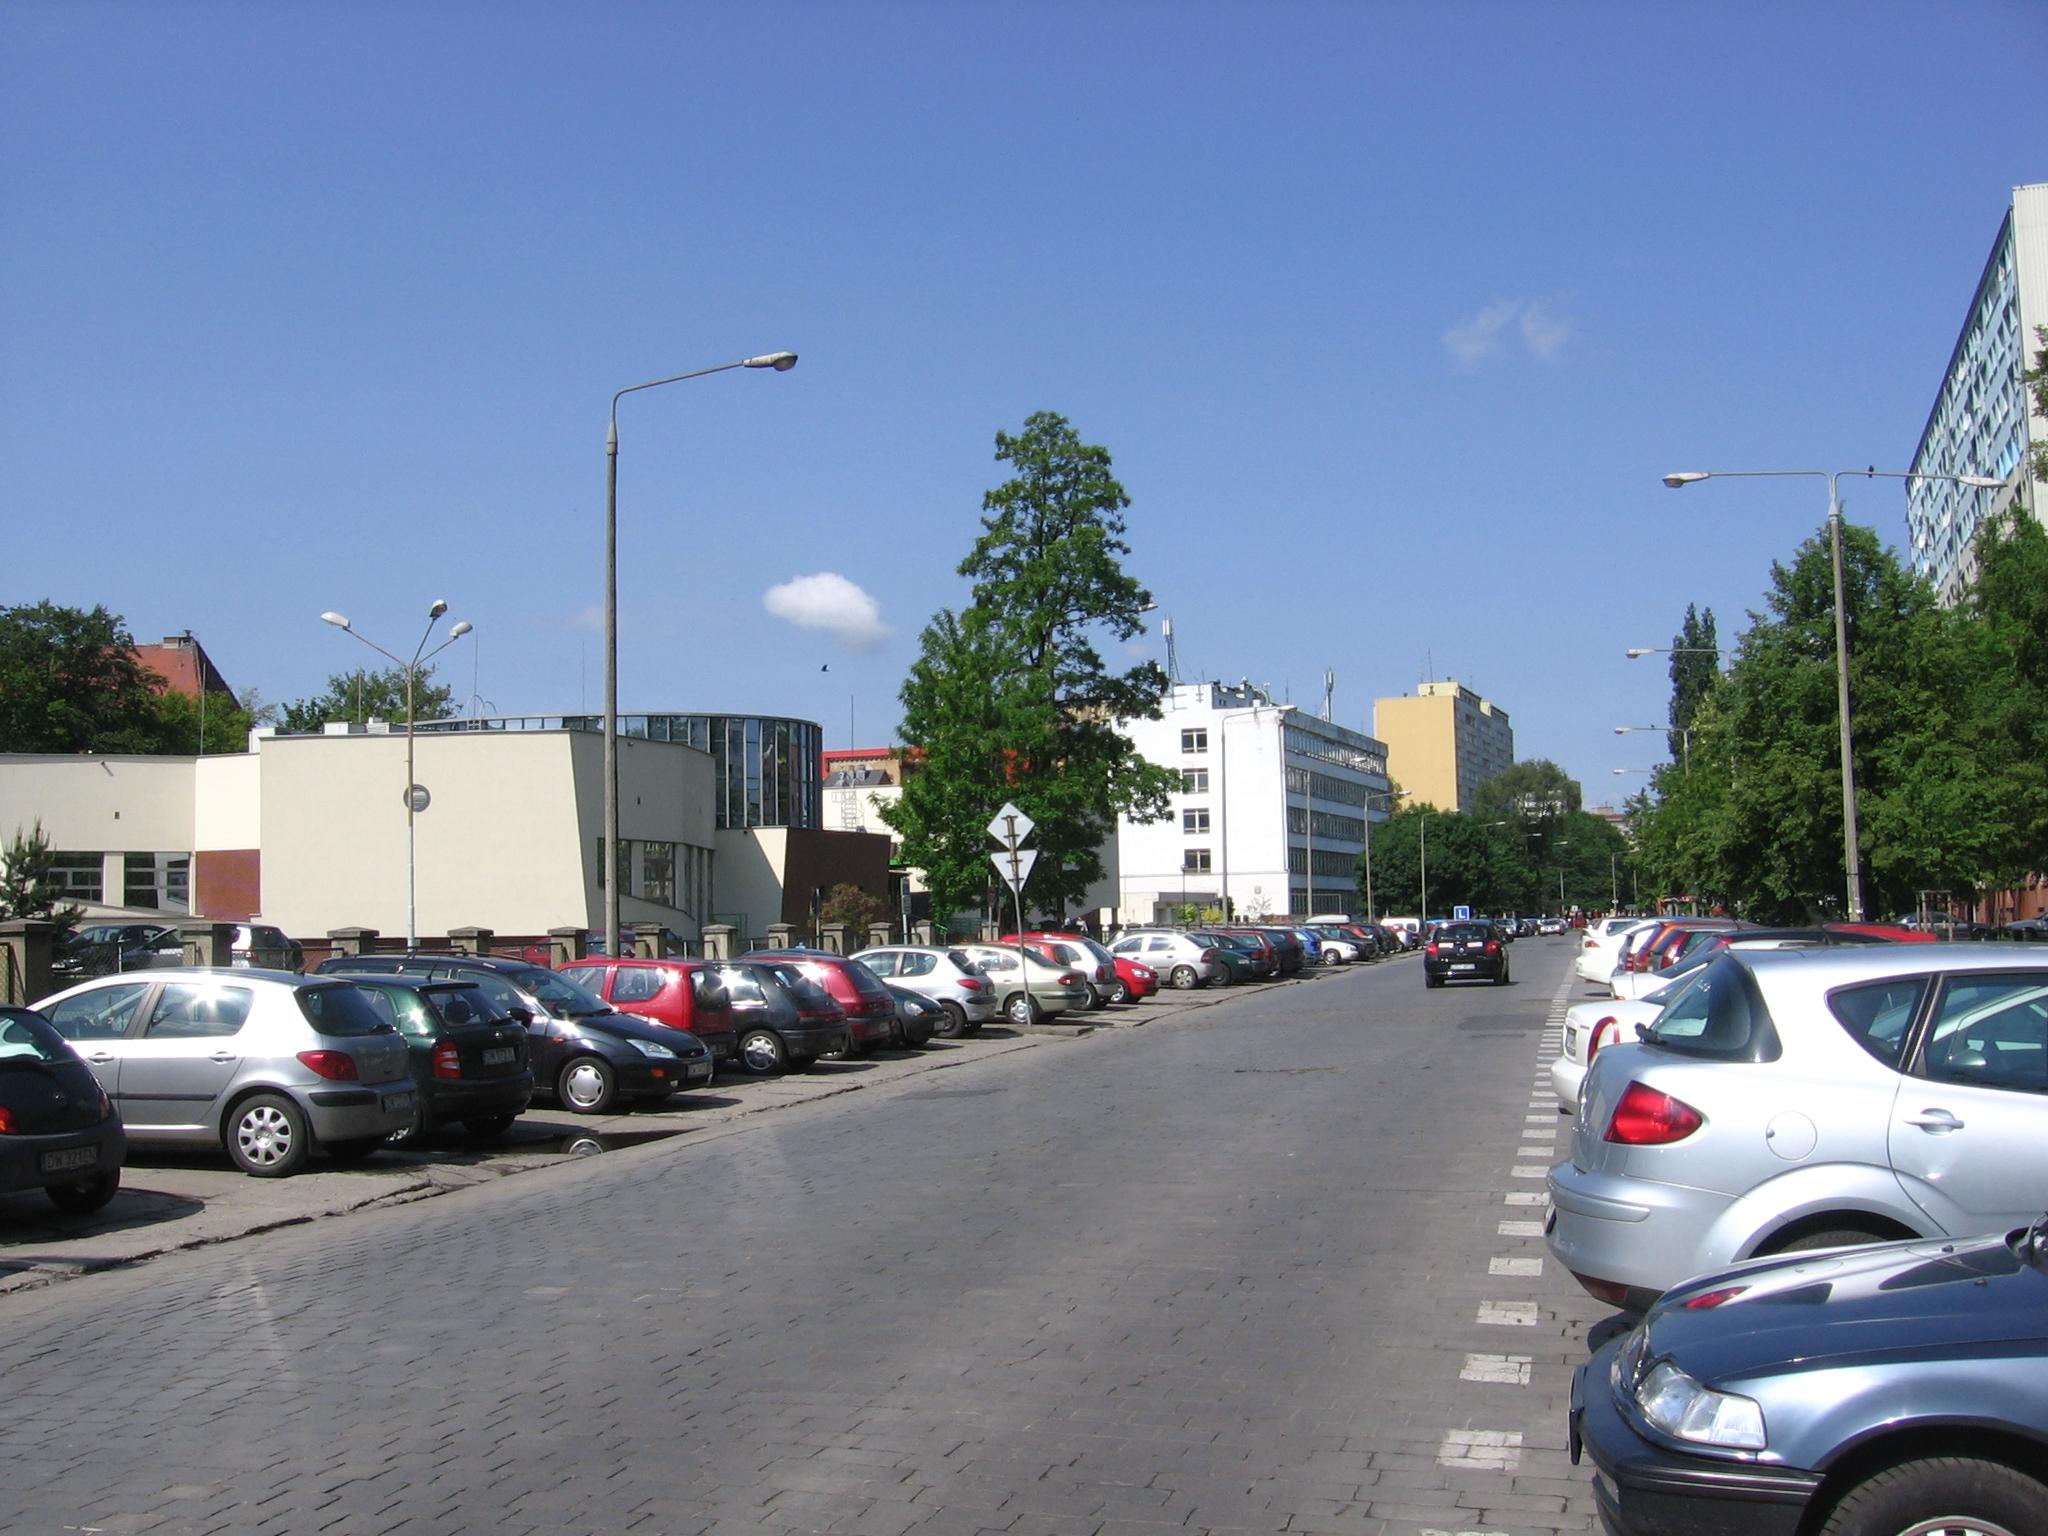 Ulica Wielka we Wrocławiu